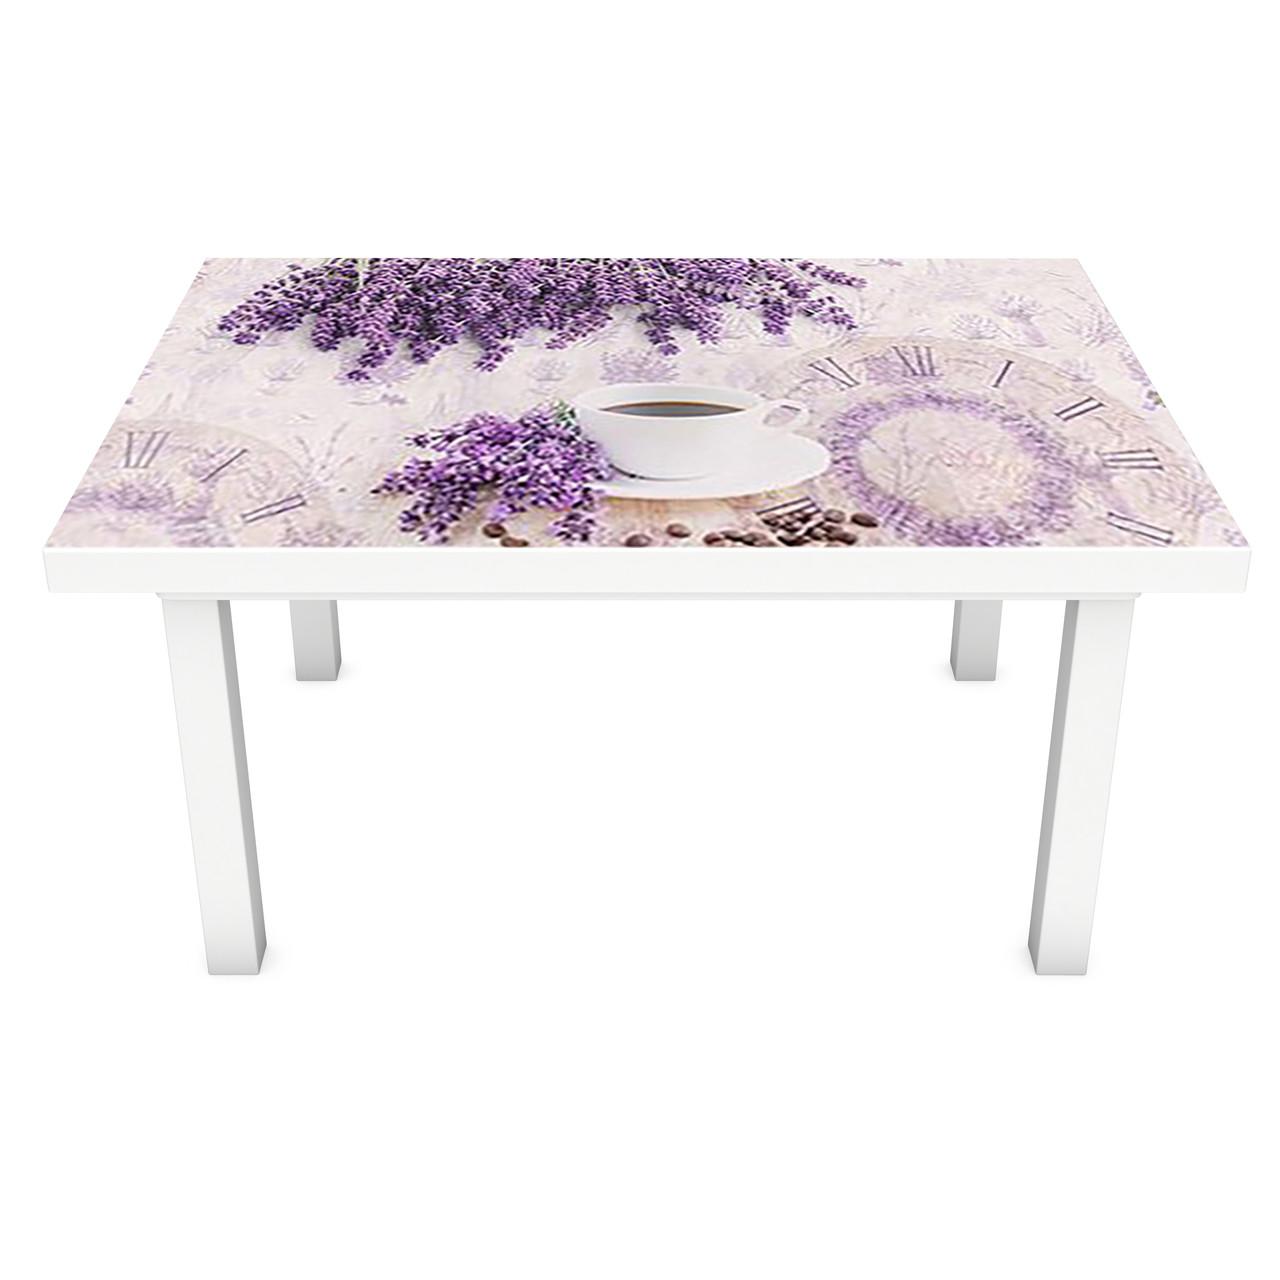 Наклейка на стол виниловая Лаванда Корзинка Кофе ПВХ пленка для мебели интерьерная 3D фиолетовый 600*1200 мм